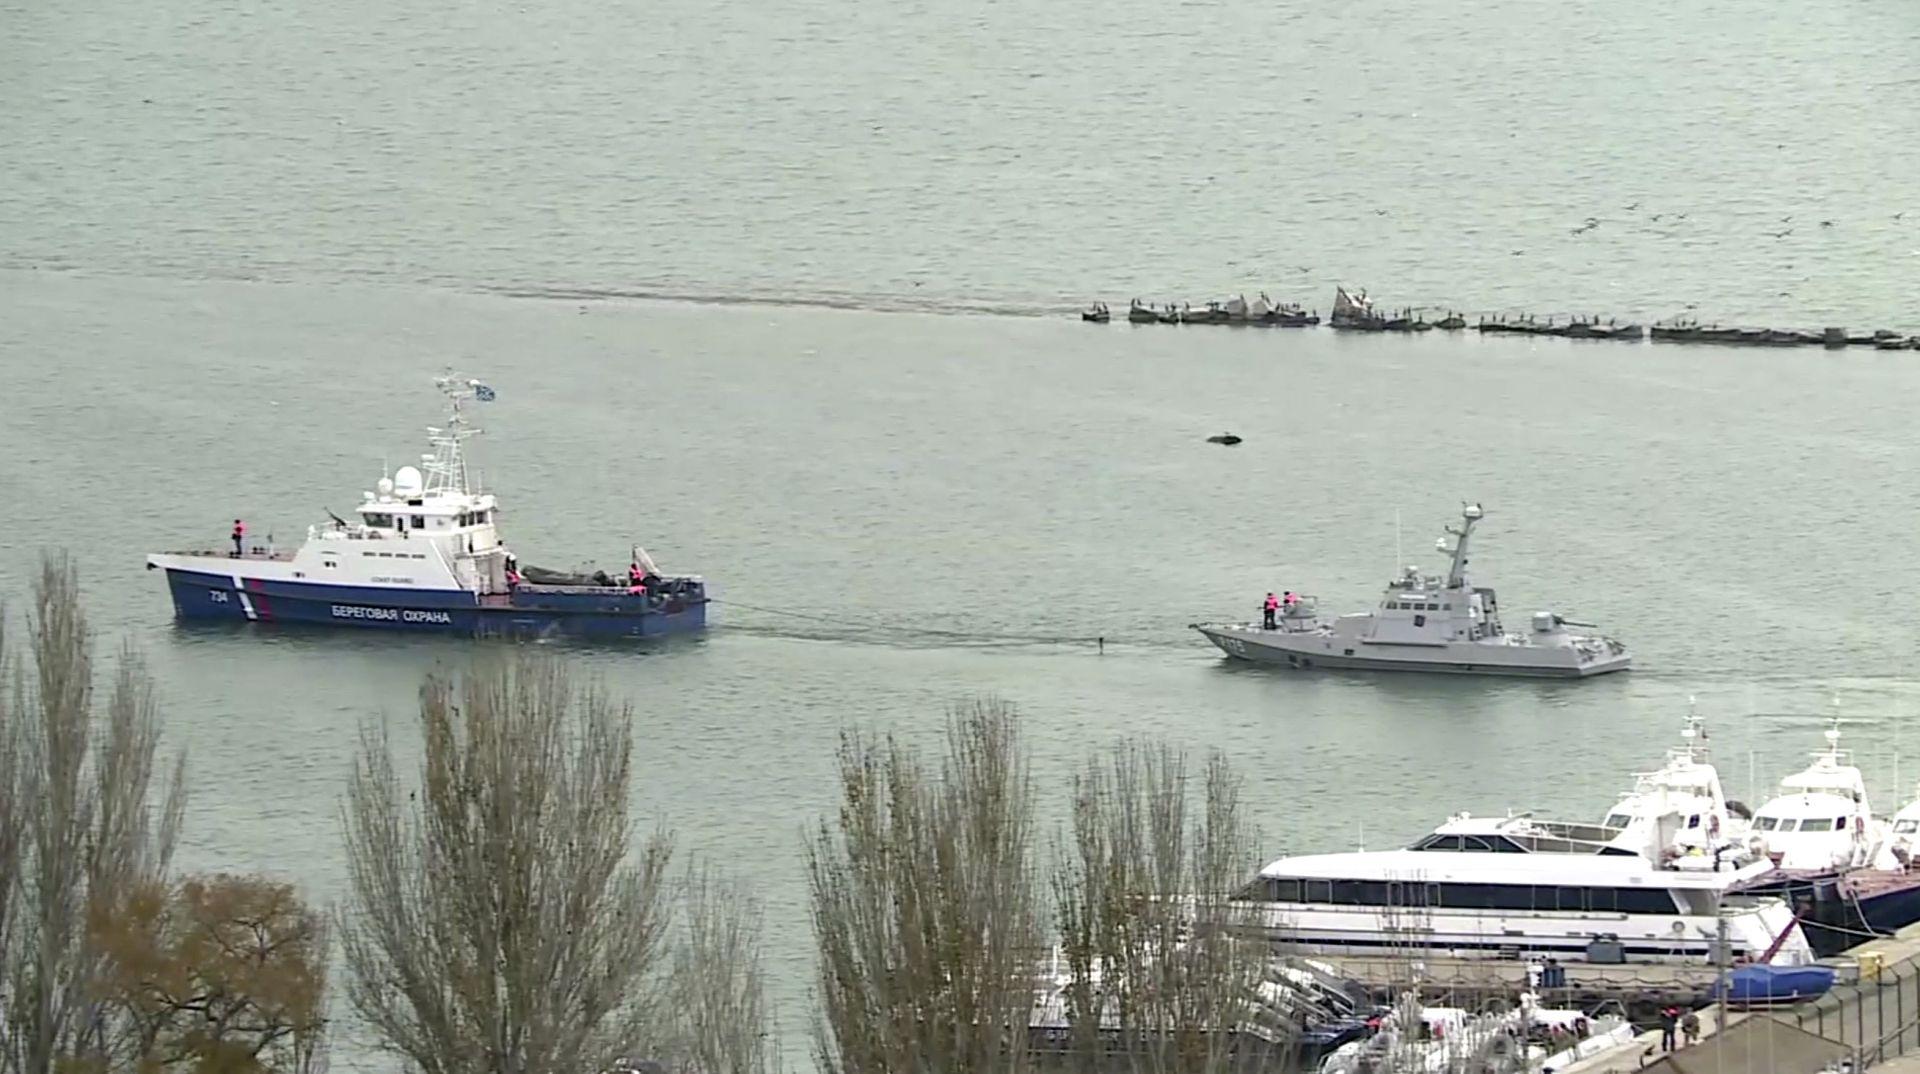 Руски кораб на бреговата охрана тегли един от задържаните украински кораба по време на трасфера